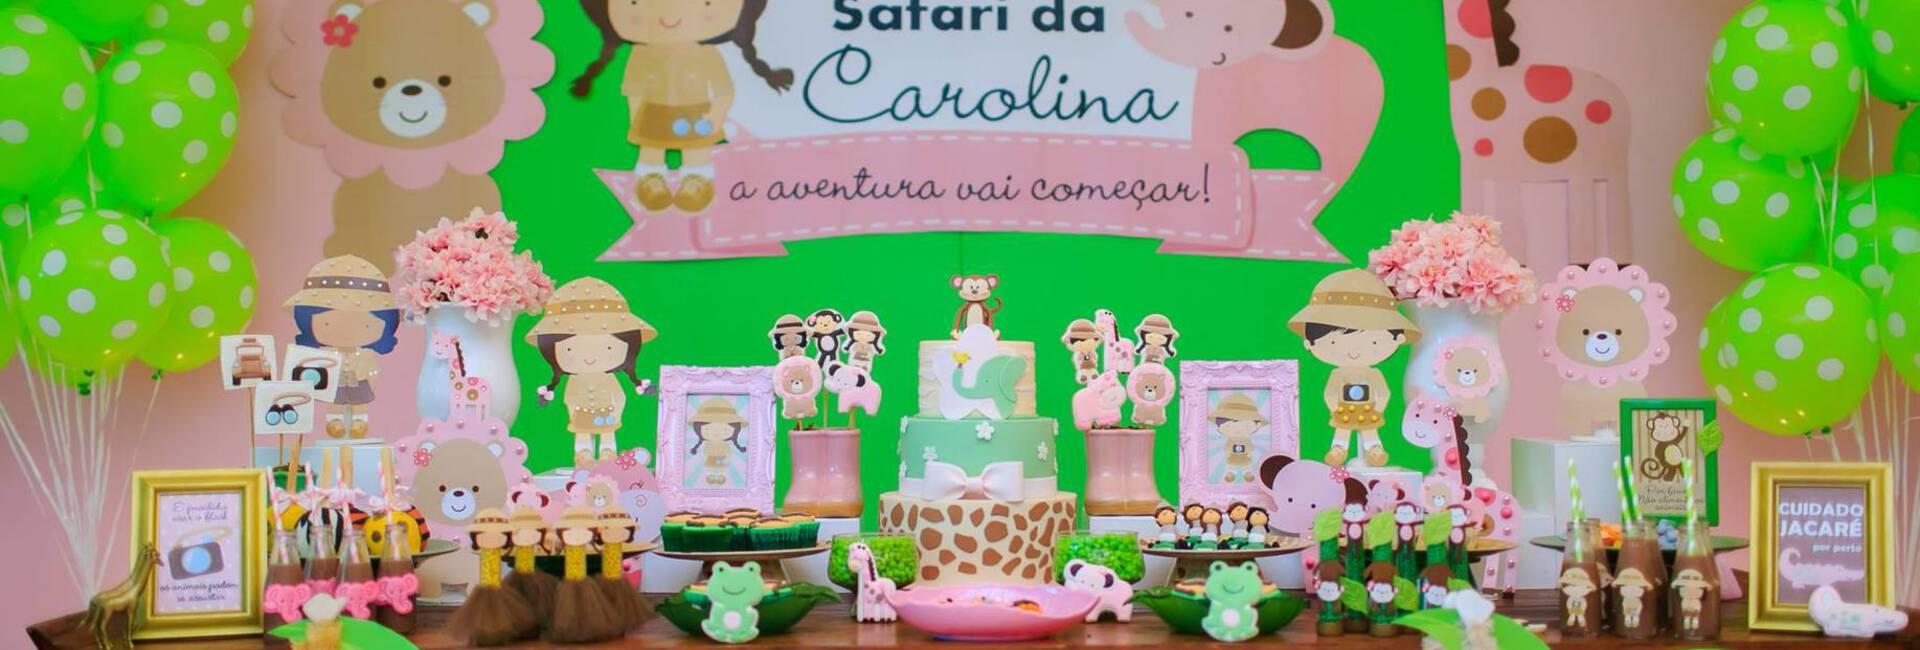 Festas Infantis de Safari da Carolina